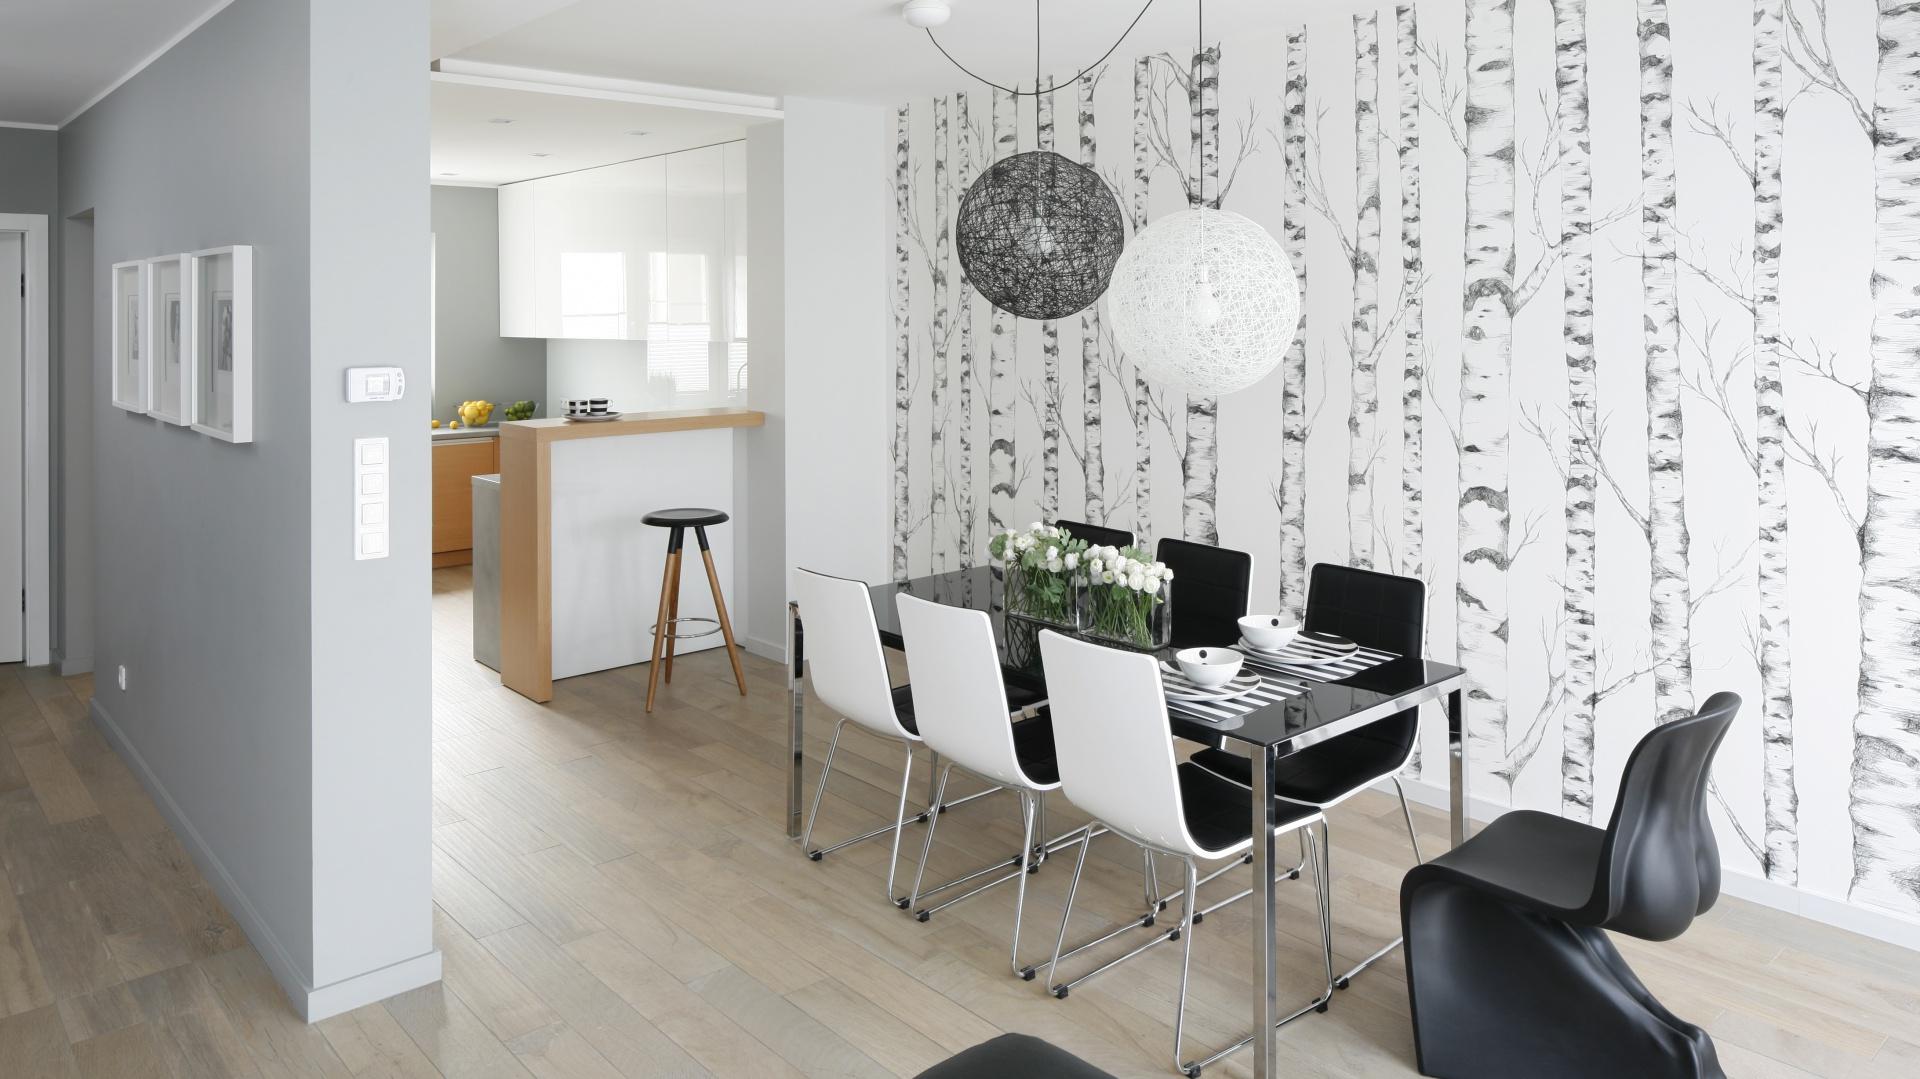 Kuchnię, częściowo otwartą na strefę dzienną, urządzono w zacisznym punkcie mieszkania. Jest nowoczesna, jasna, nie pozbawiona przytulności, odpowiada także na potrzeby rodziny dwa plus dwa.